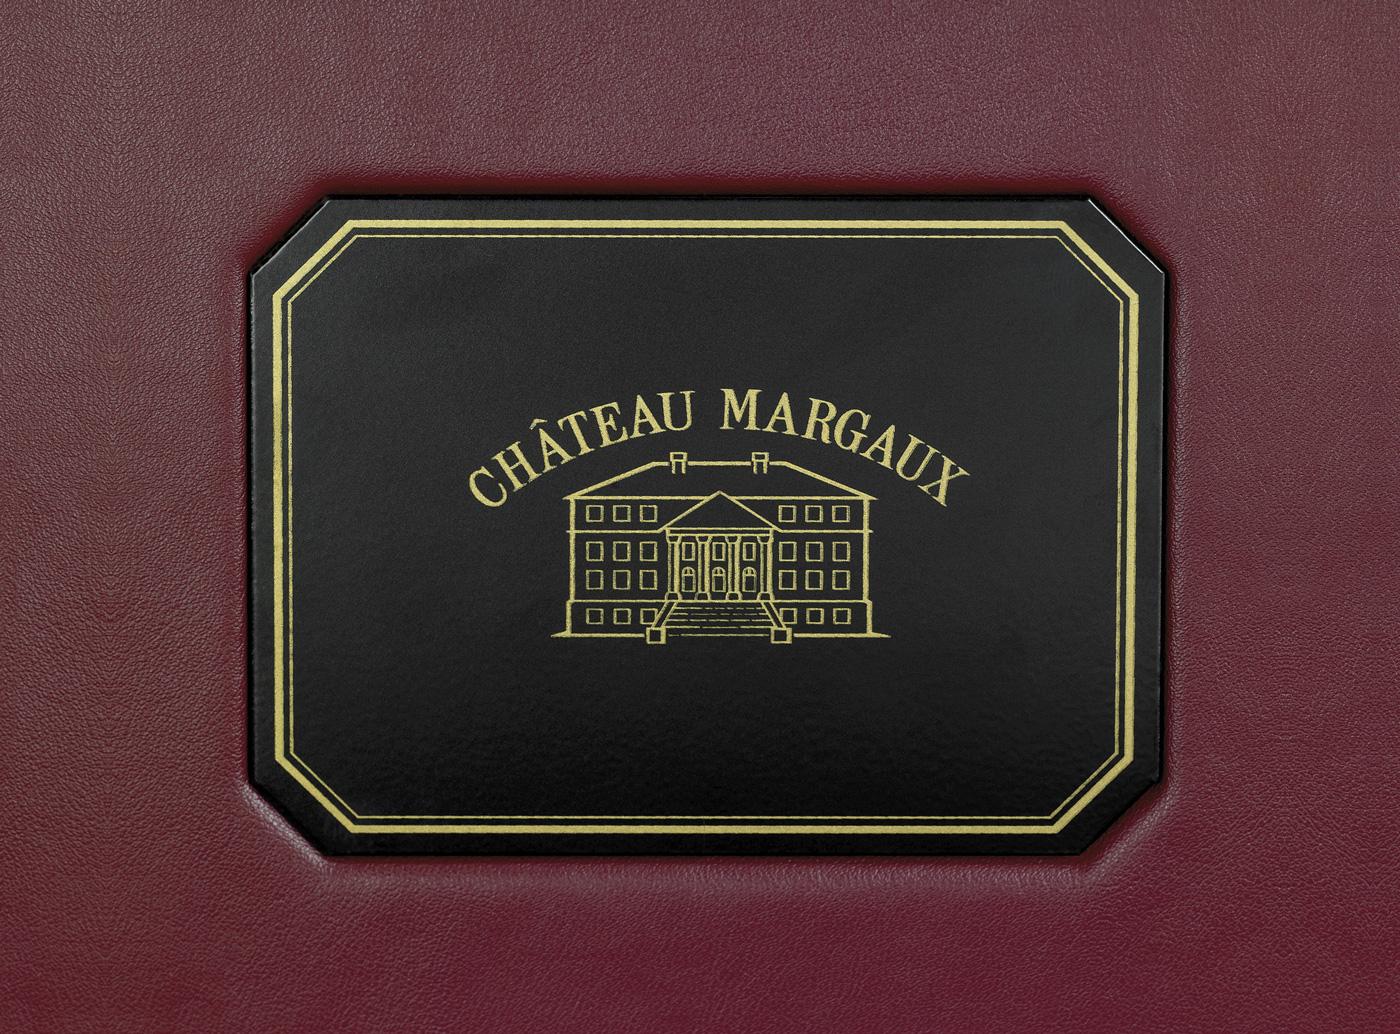 Château Margaux - Un design pensé par l'agence de design de Paris Partisan du Sens.